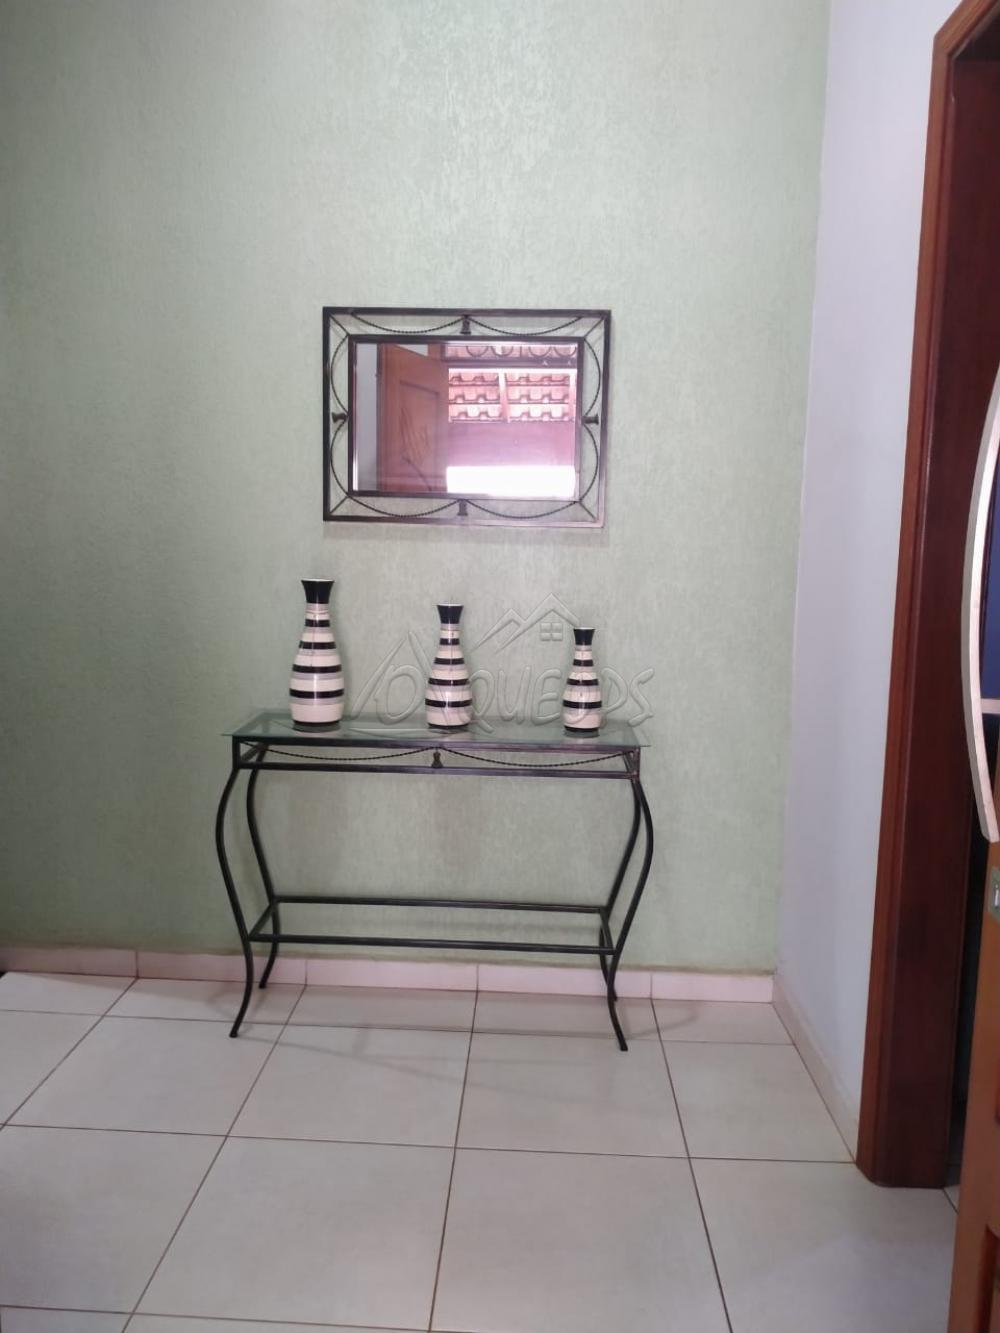 Comprar Casa / Padrão em Barretos apenas R$ 270.000,00 - Foto 3